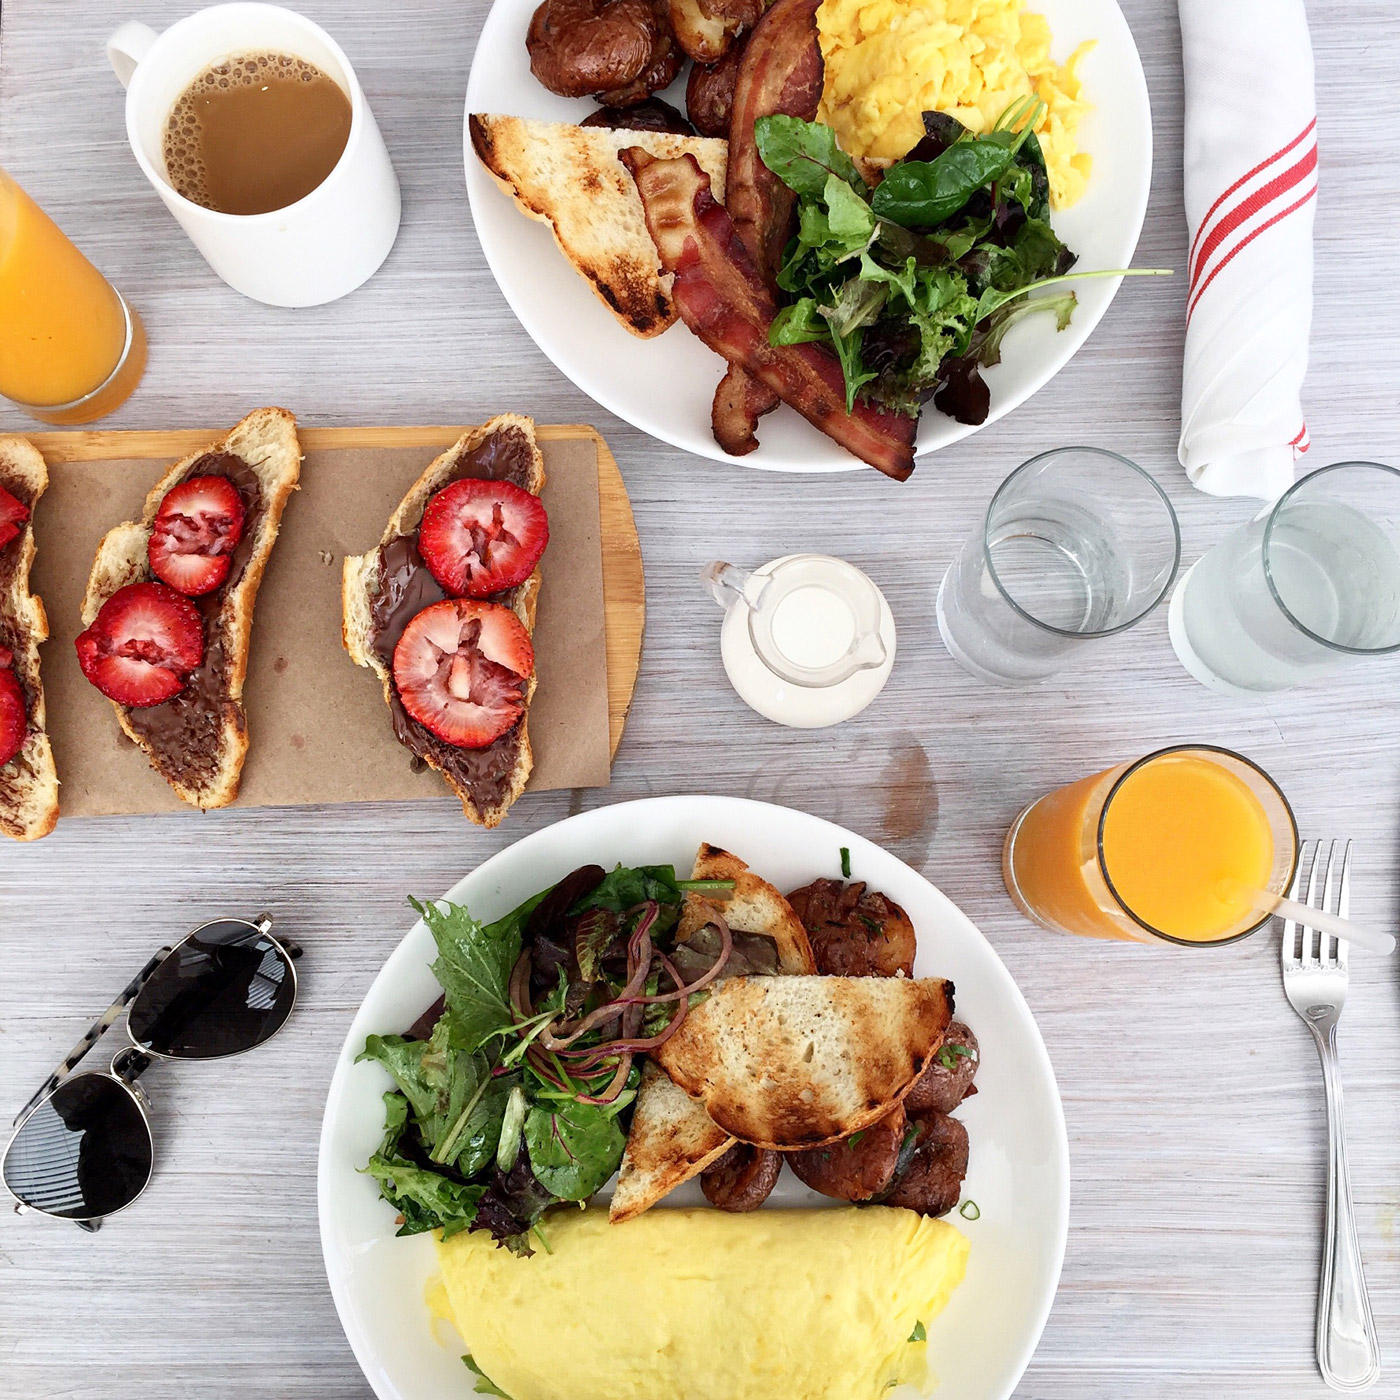 lecker-und-gesund-mittag-essen-gehen-in-new-york-soho